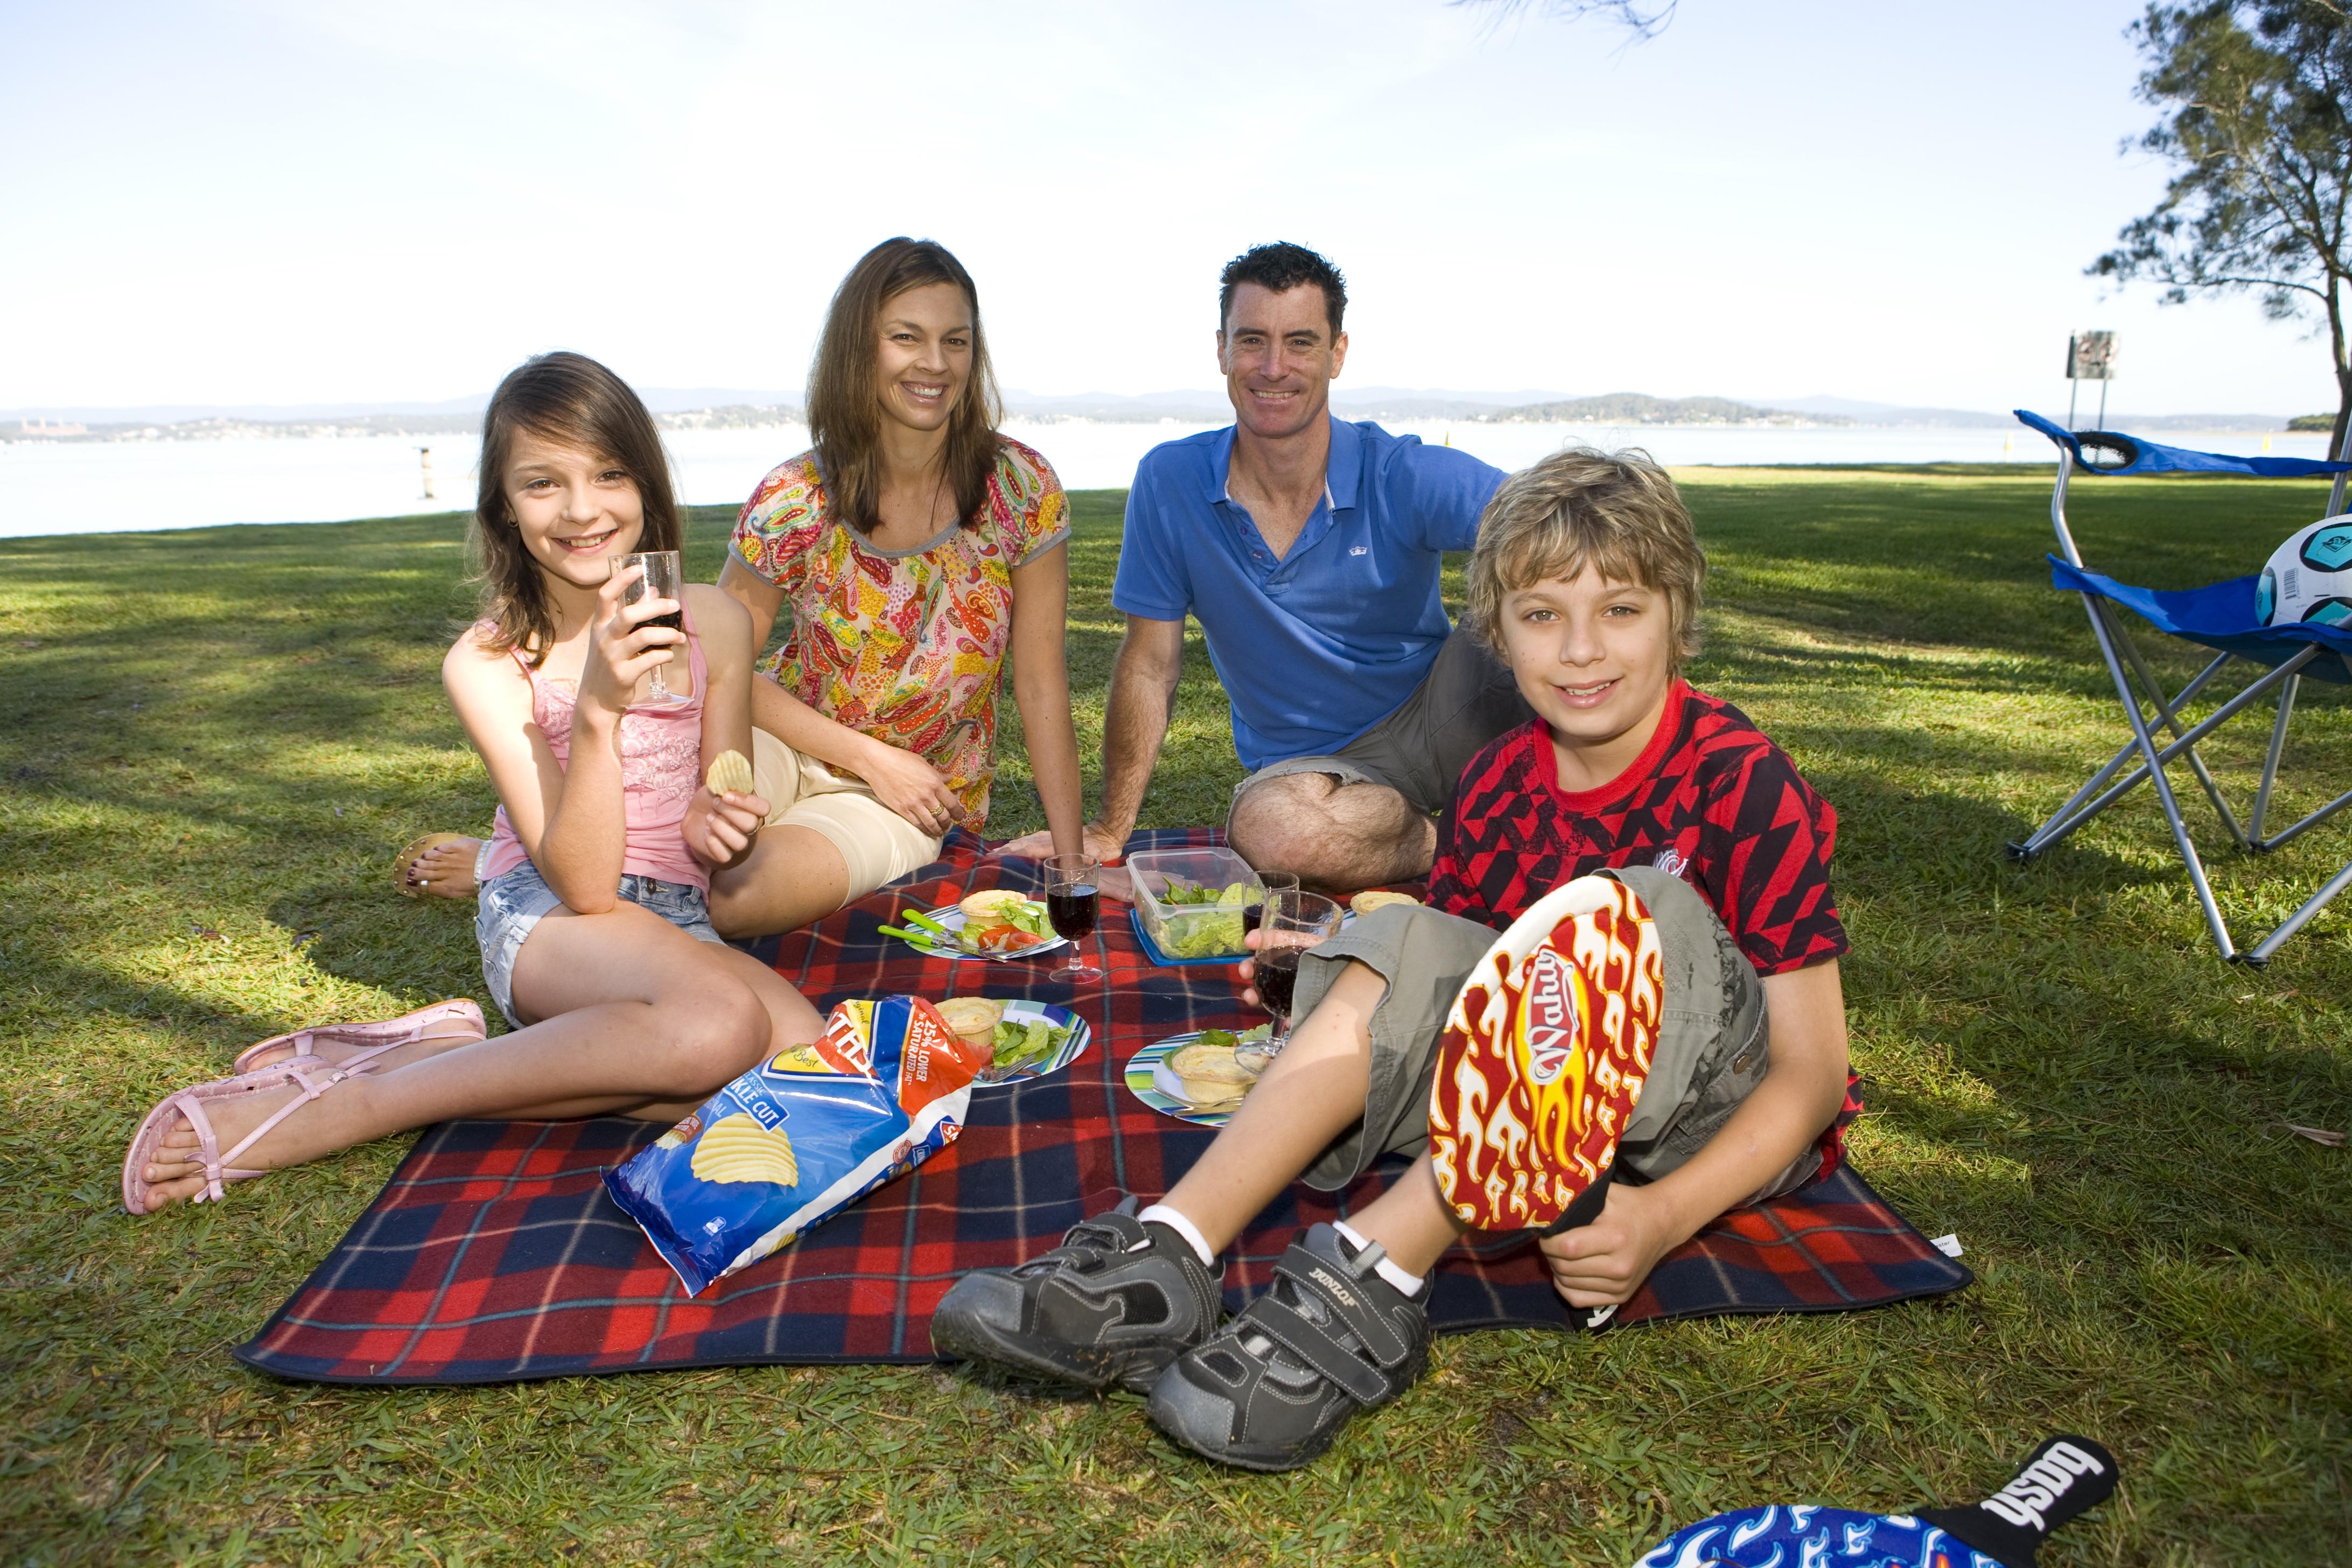 Top 5 picnic spots in Lake Macquarie - Lake Mac Holiday Parks